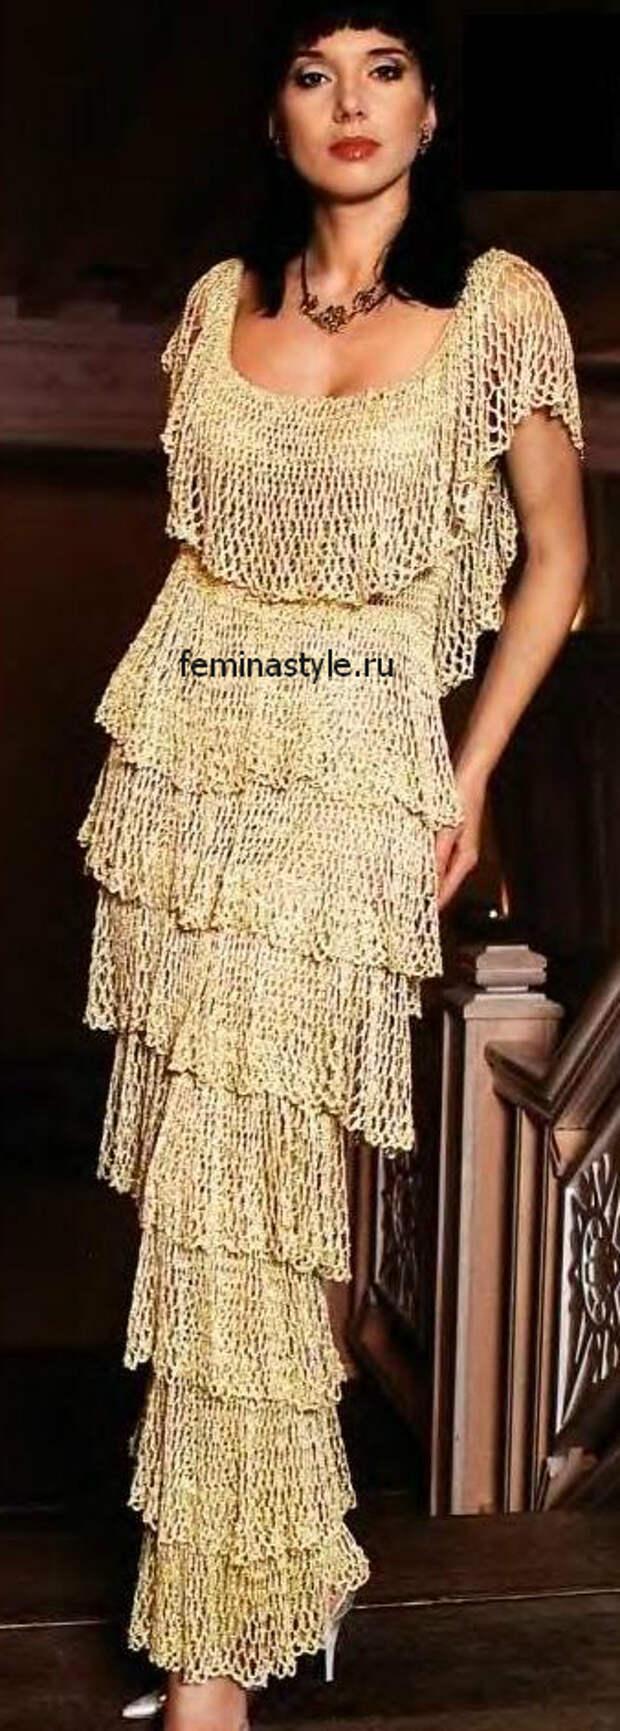 Золотистое платье связанное крючком